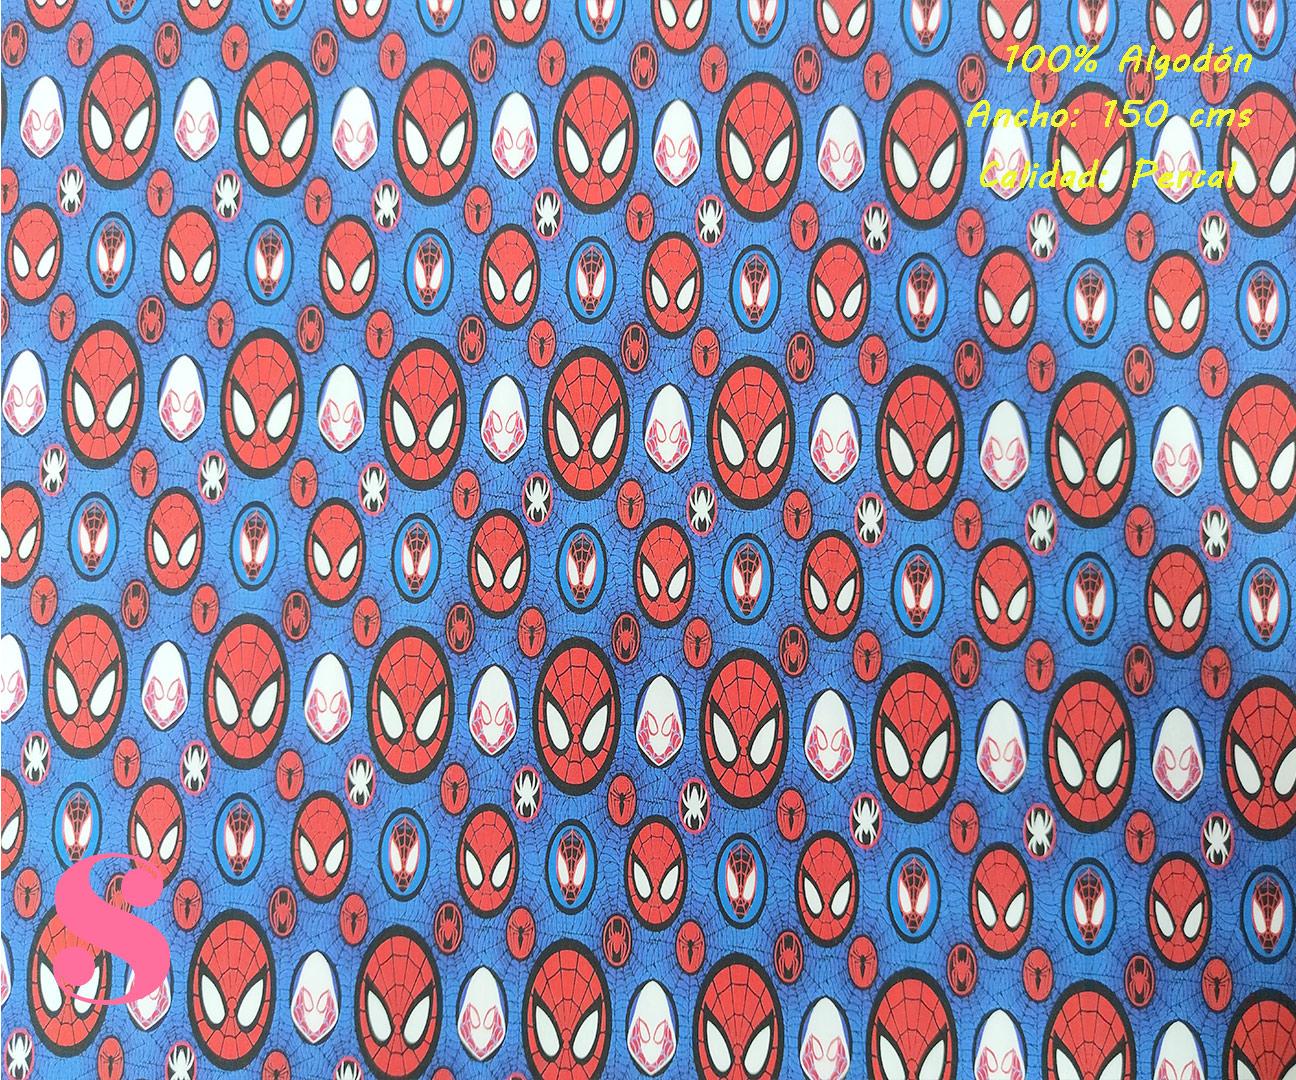 611-spiderman-stickers-marvel-tejidos-algodón-estampado-percal,telas super héroes,estampados de super héroes,Tejido Estampado Spiderman Stikers